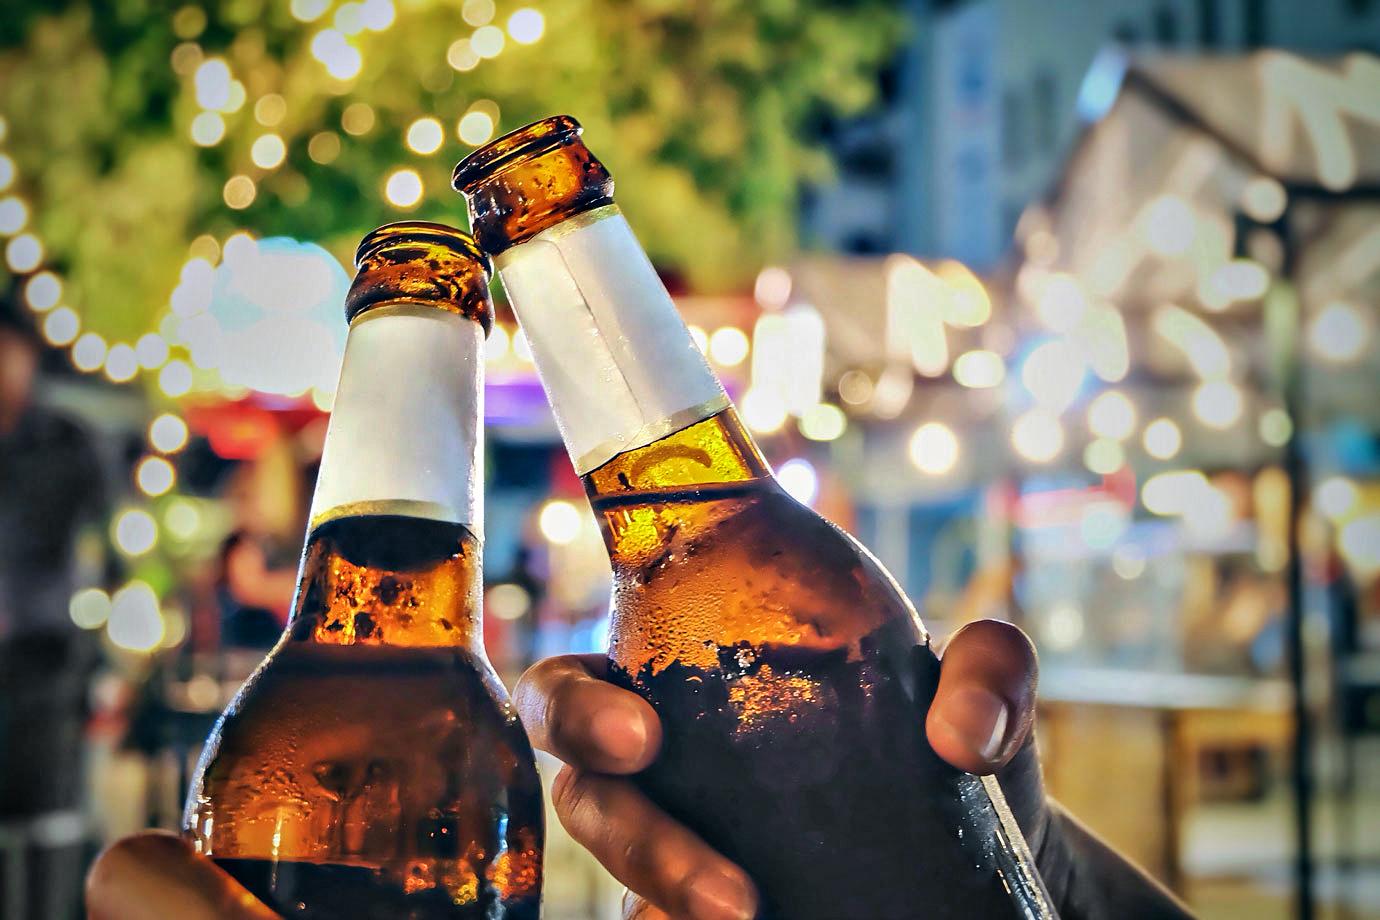 Que doenças são causadas pelo consumo de álcool?